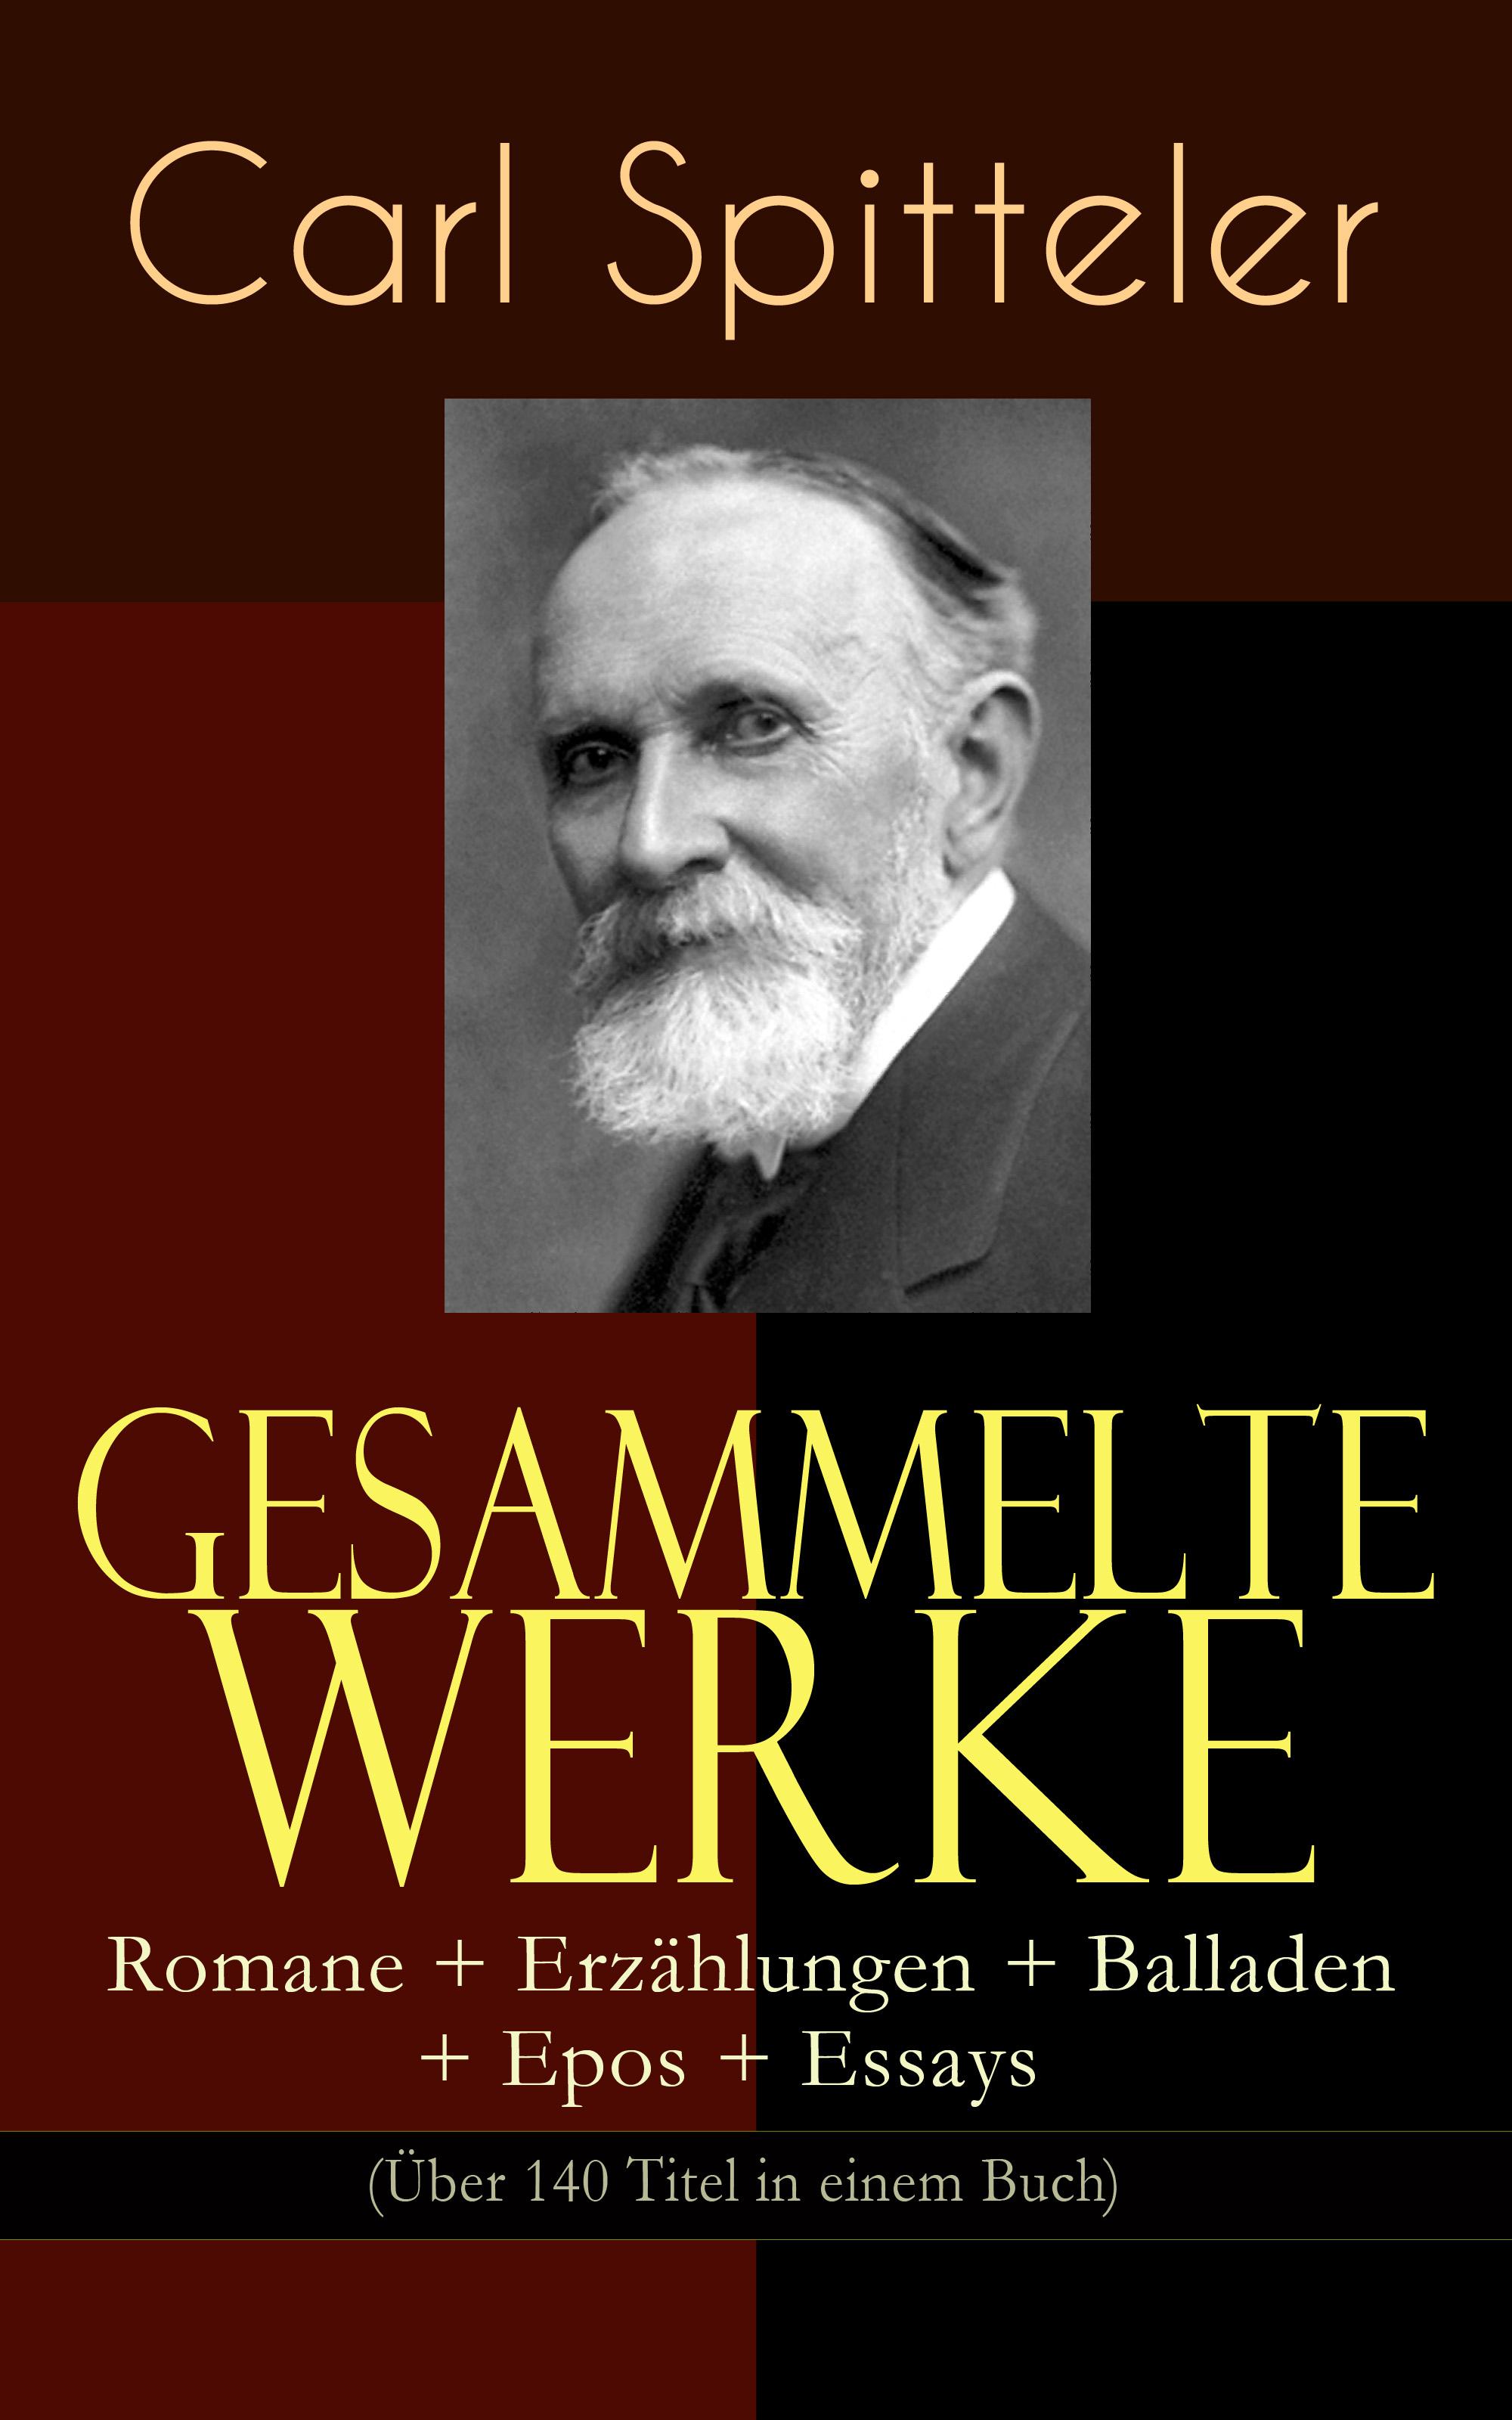 Carl Spitteler Gesammelte Werke: Romane + Erzählungen + Balladen + Epos + Essays (Über 140 Titel in einem Buch) стоимость